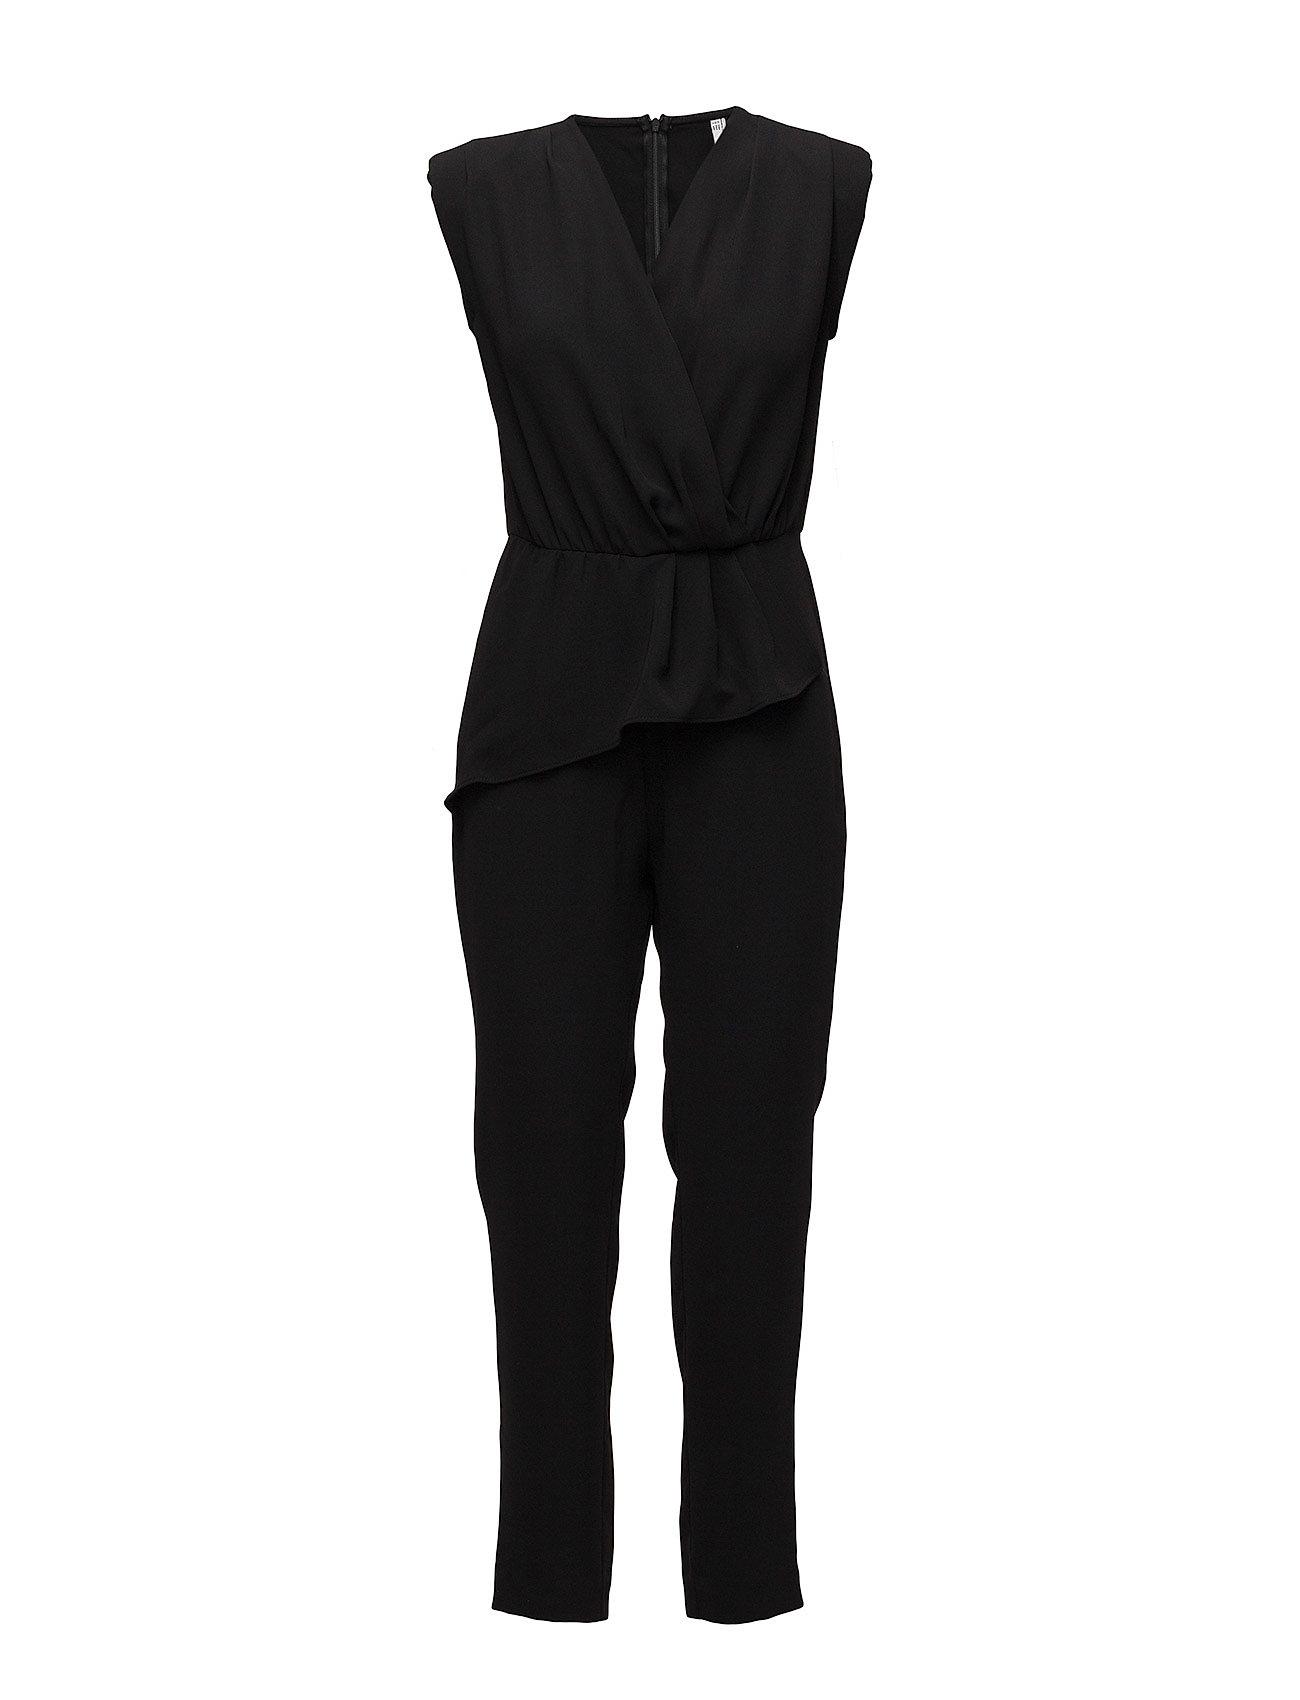 Wrap Neckline Jumpsuit